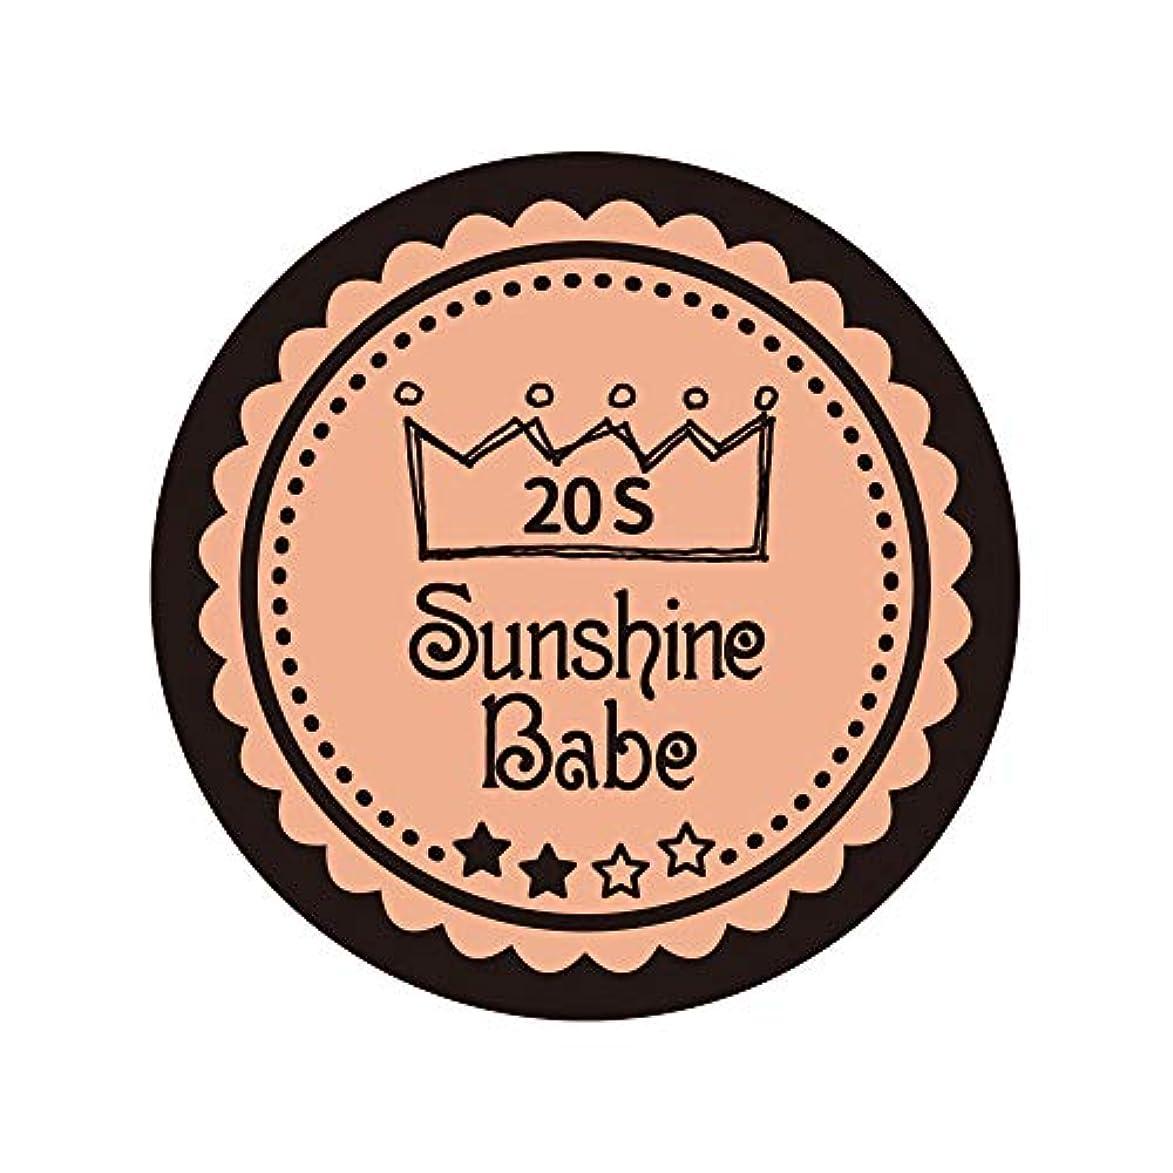 くつろぎ列挙する場合Sunshine Babe コスメティックカラー 20S ヌーディーベージュ 4g UV/LED対応